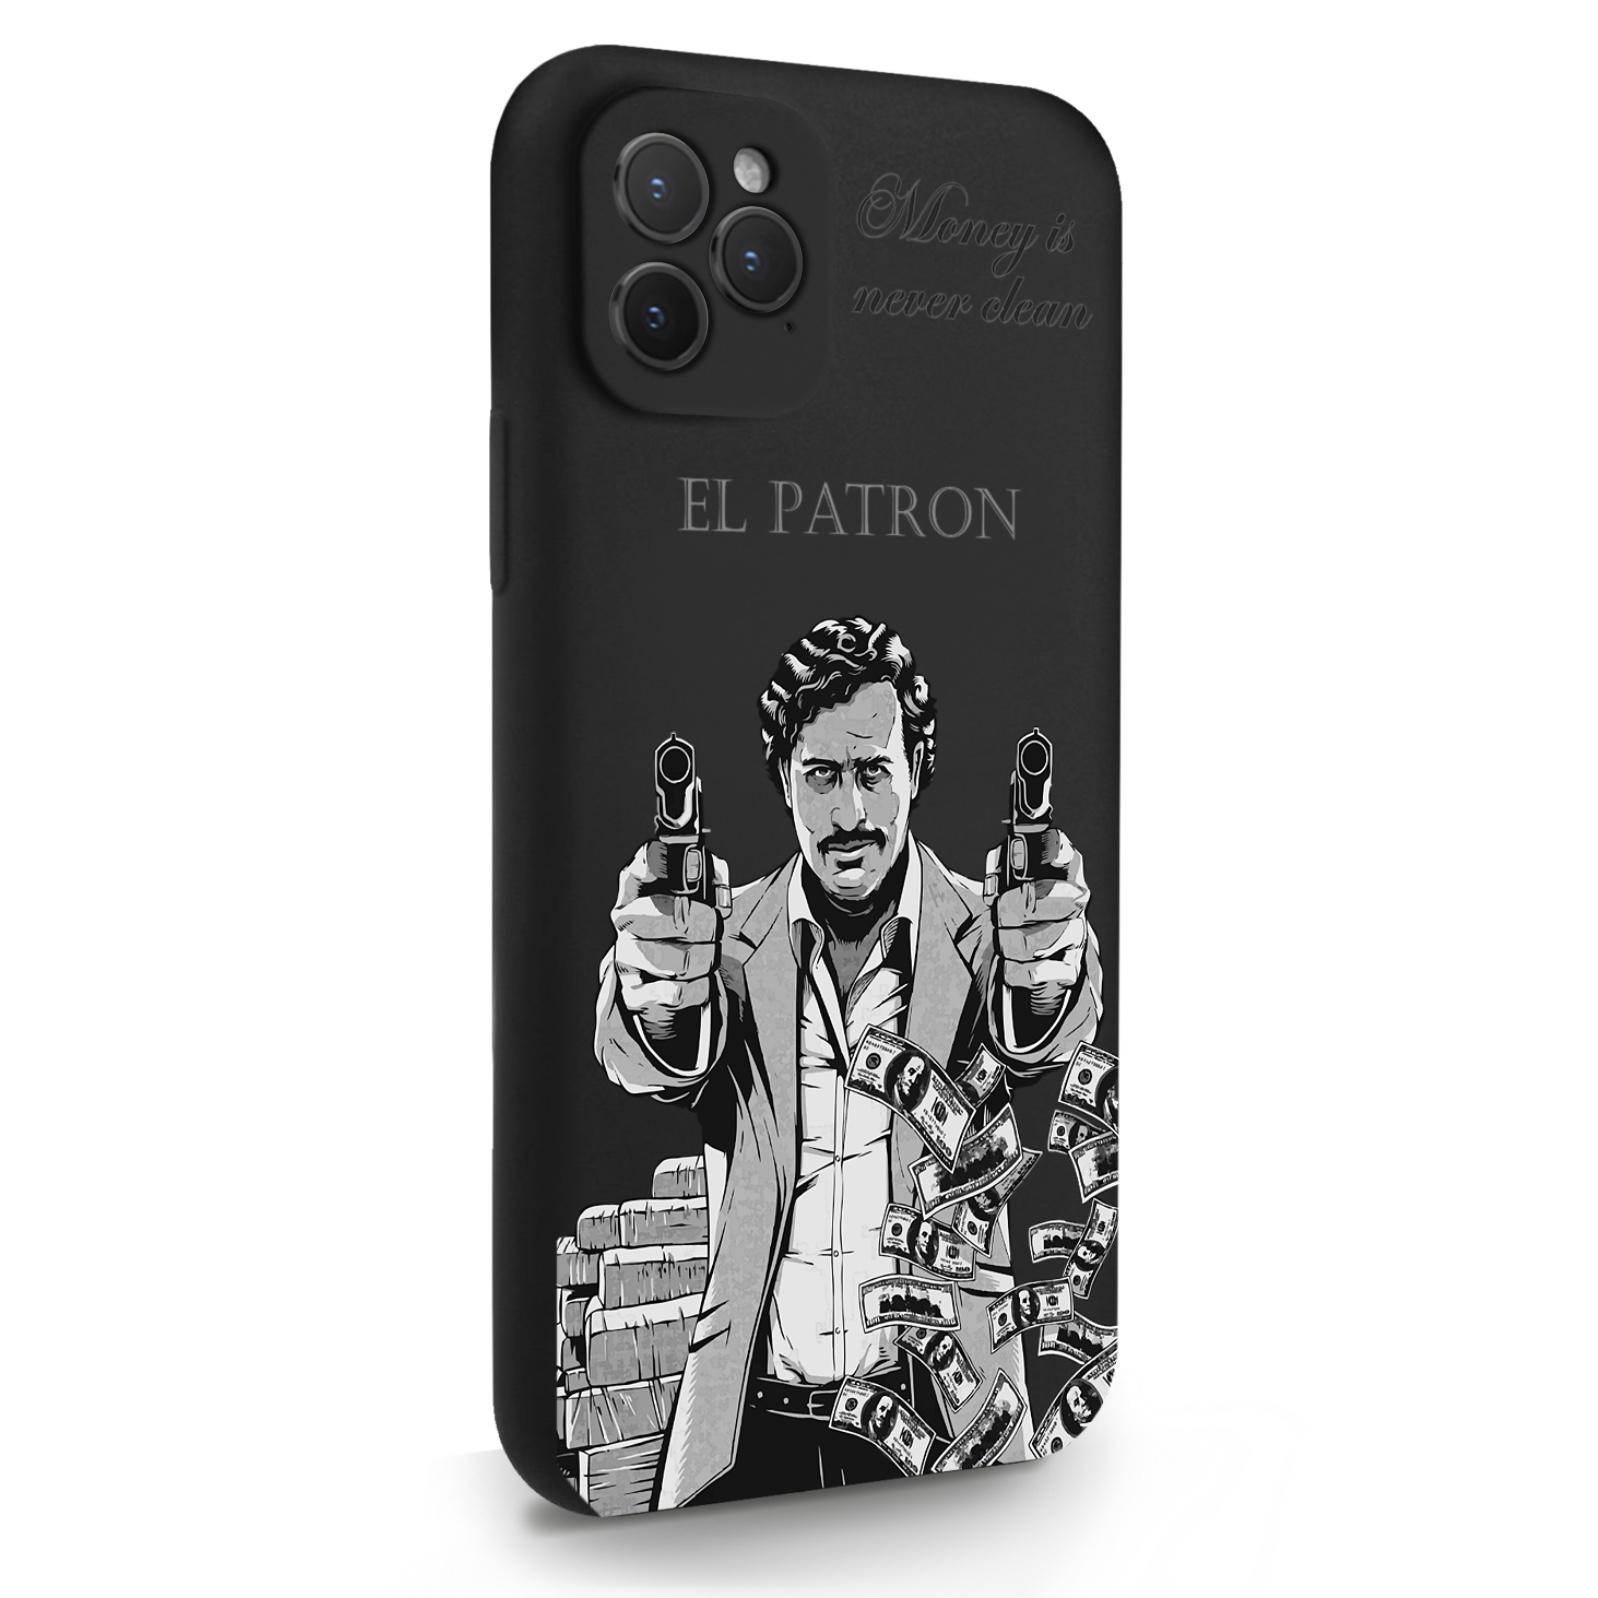 Черный силиконовый чехол для iPhone 11 Pro El Patron Pablo Escobar/ Пабло Эскобар для Айфон 11 Про